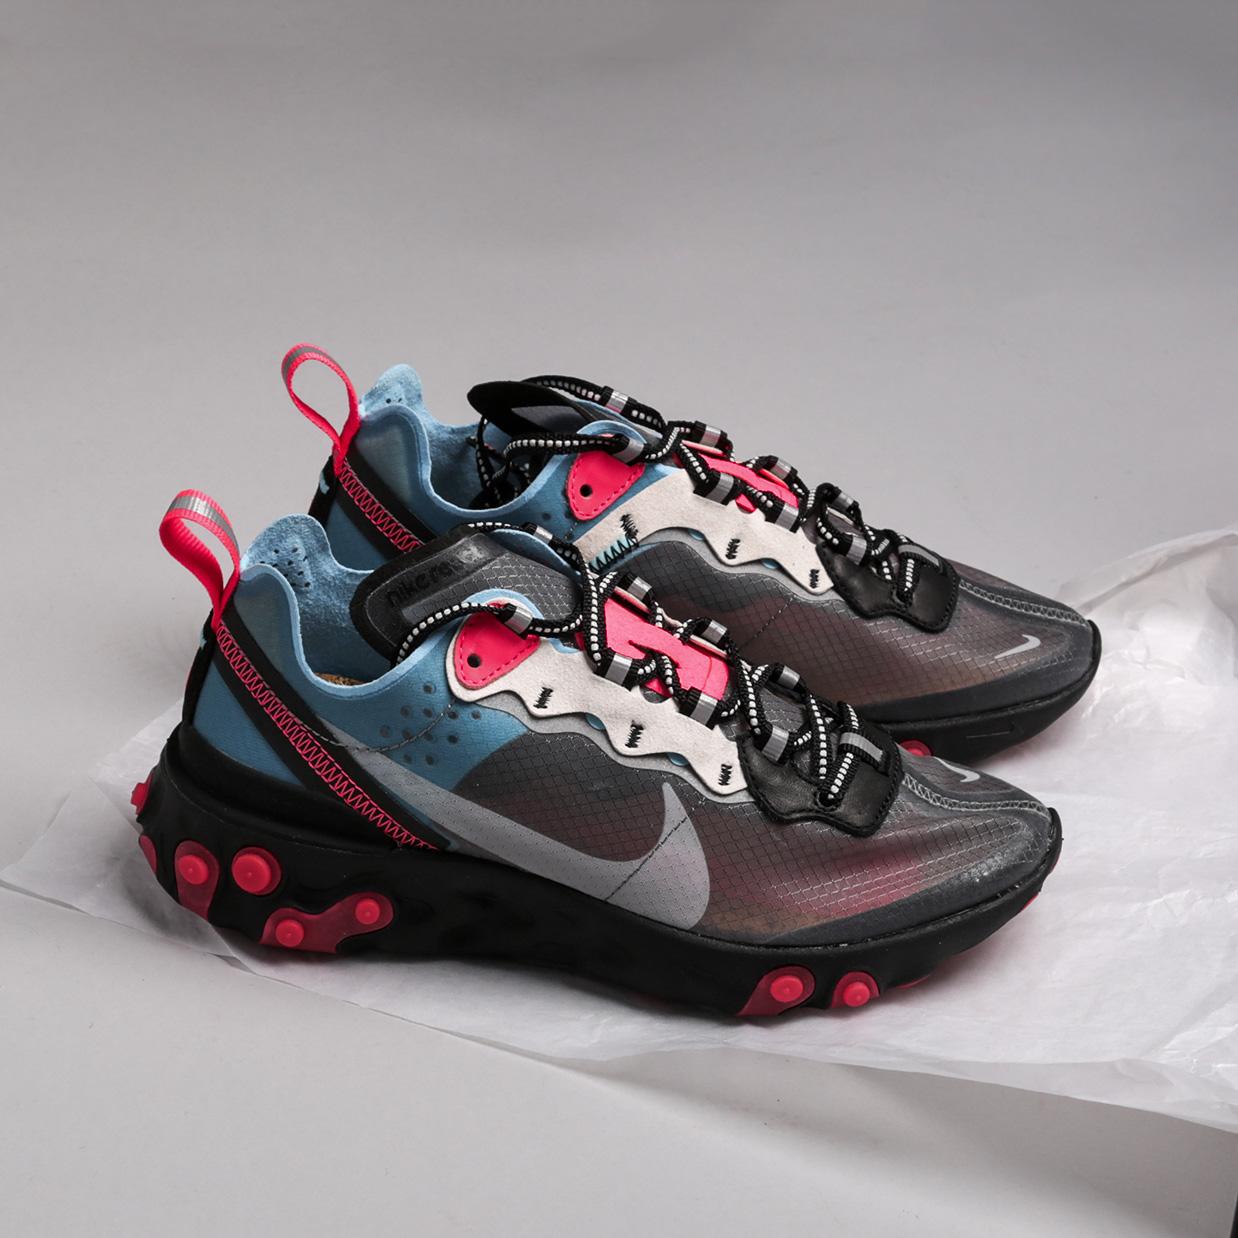 a1819699 Nike - купить оригинальные Найки по цене от 2 390 рублей каталогах интернет  магазина Sneakerhead